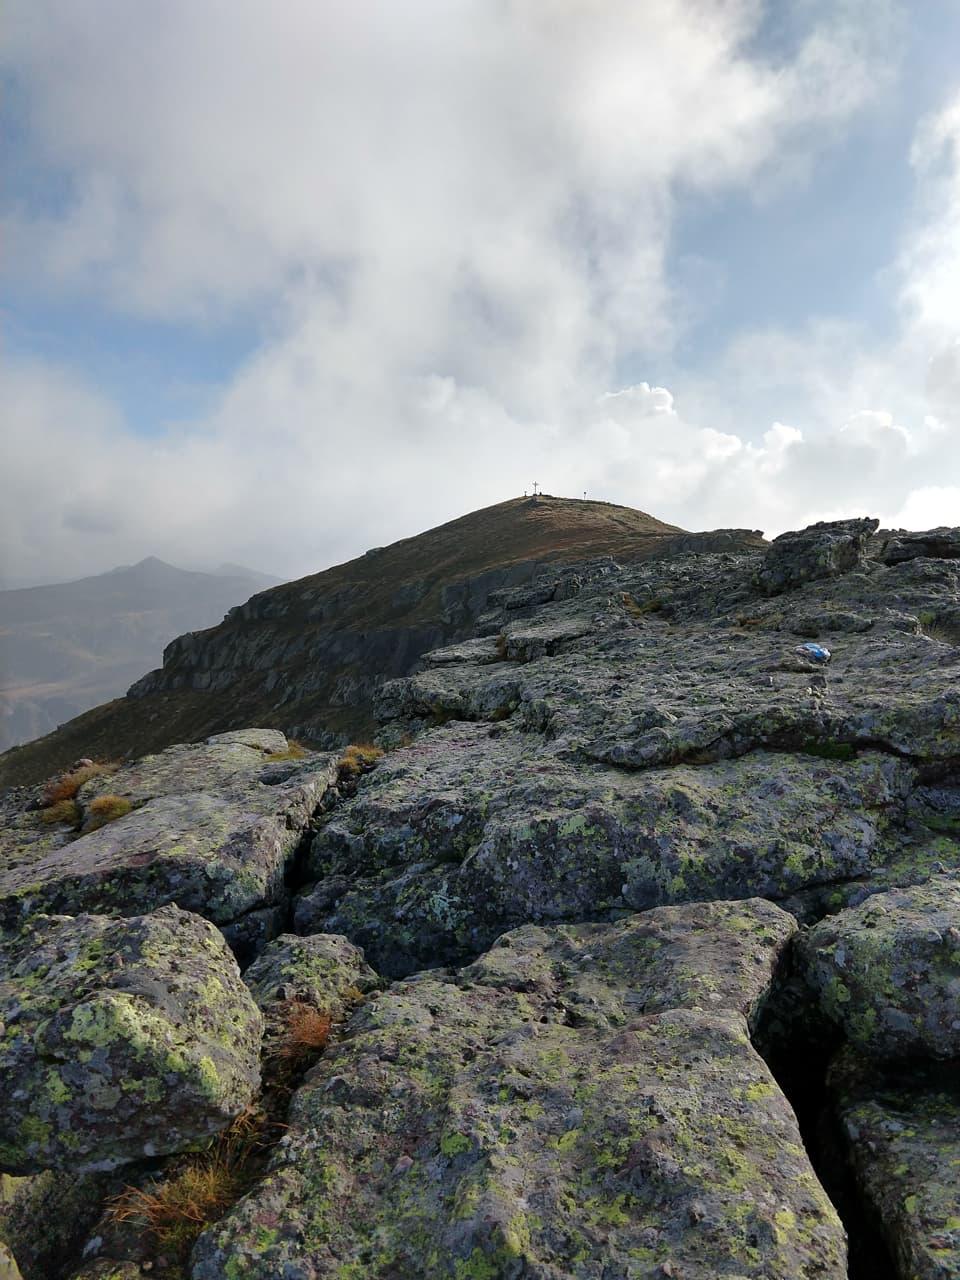 Il sentiero 3V consente di raggiungere la vetta del Monte Colombine, punto più alto della catena